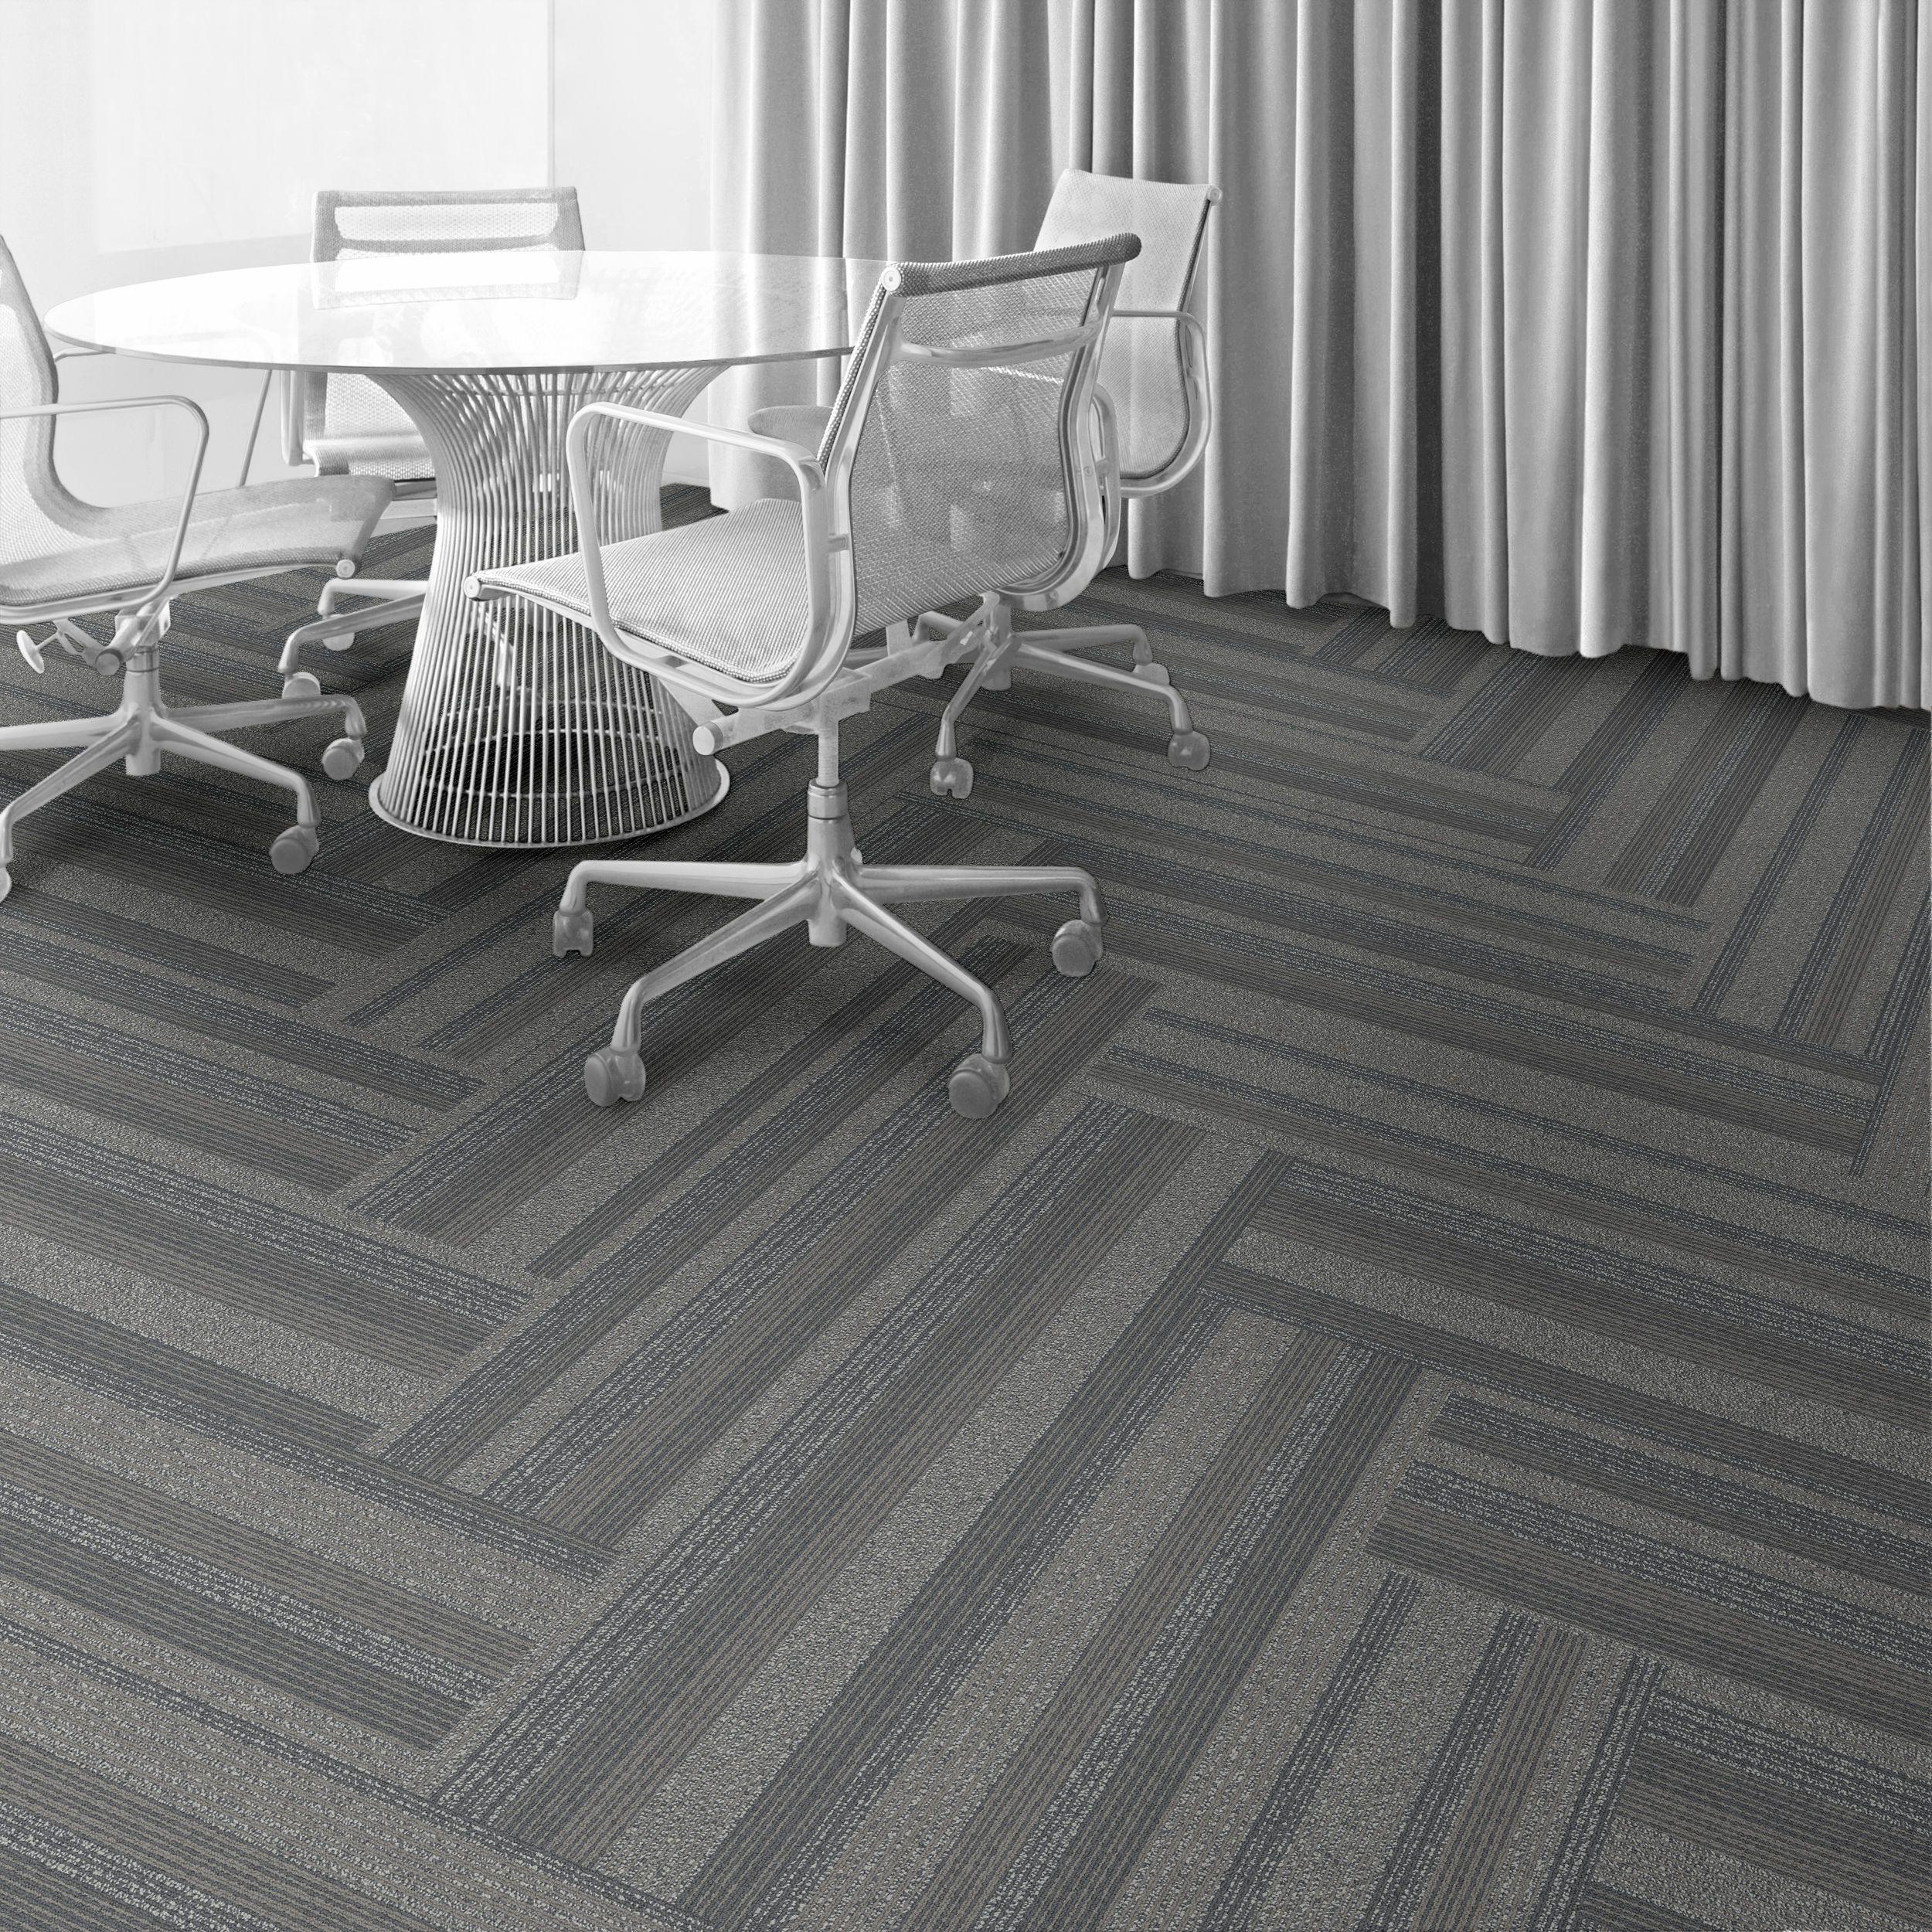 Interface Street Smart Sidewalk Herringbone Floor Design